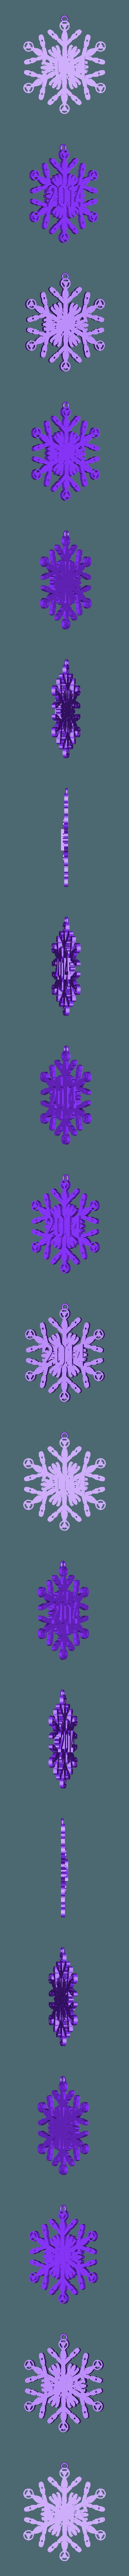 sonic_snowflake.stl Télécharger fichier STL gratuit Tournevis sonique Snowflake - Doctor Who • Modèle à imprimer en 3D, Sablebadger